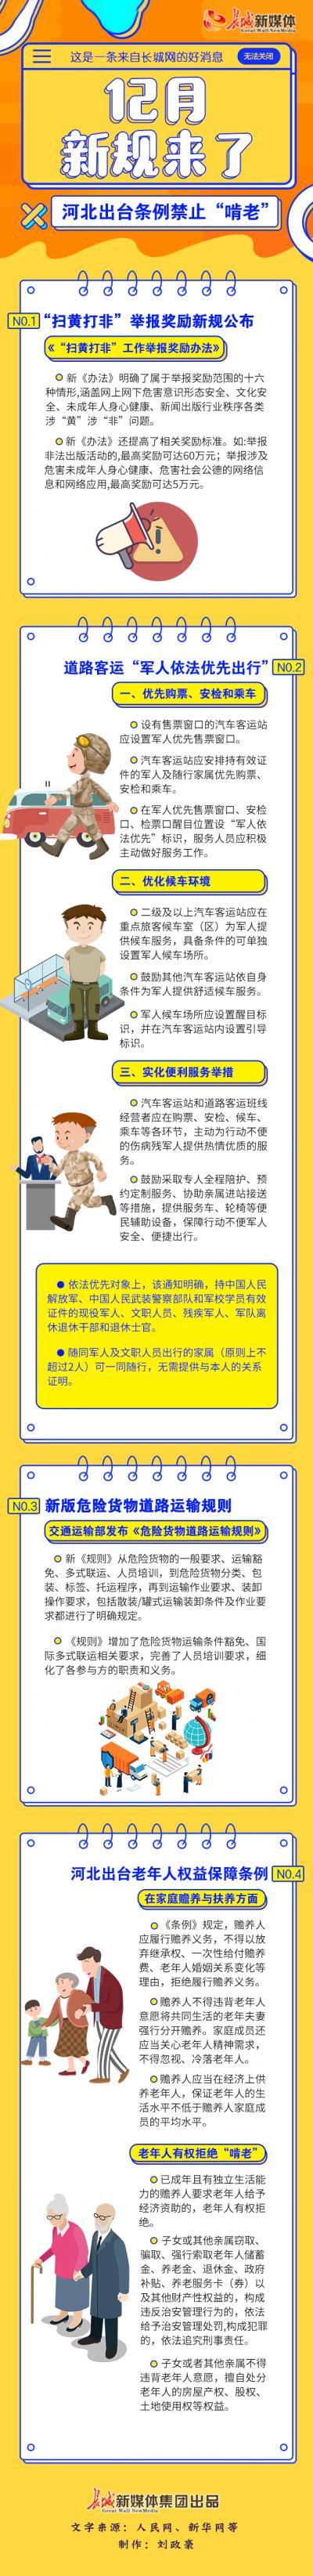 """【图解】12月新规来了!河北出台条例禁止""""啃老""""......"""